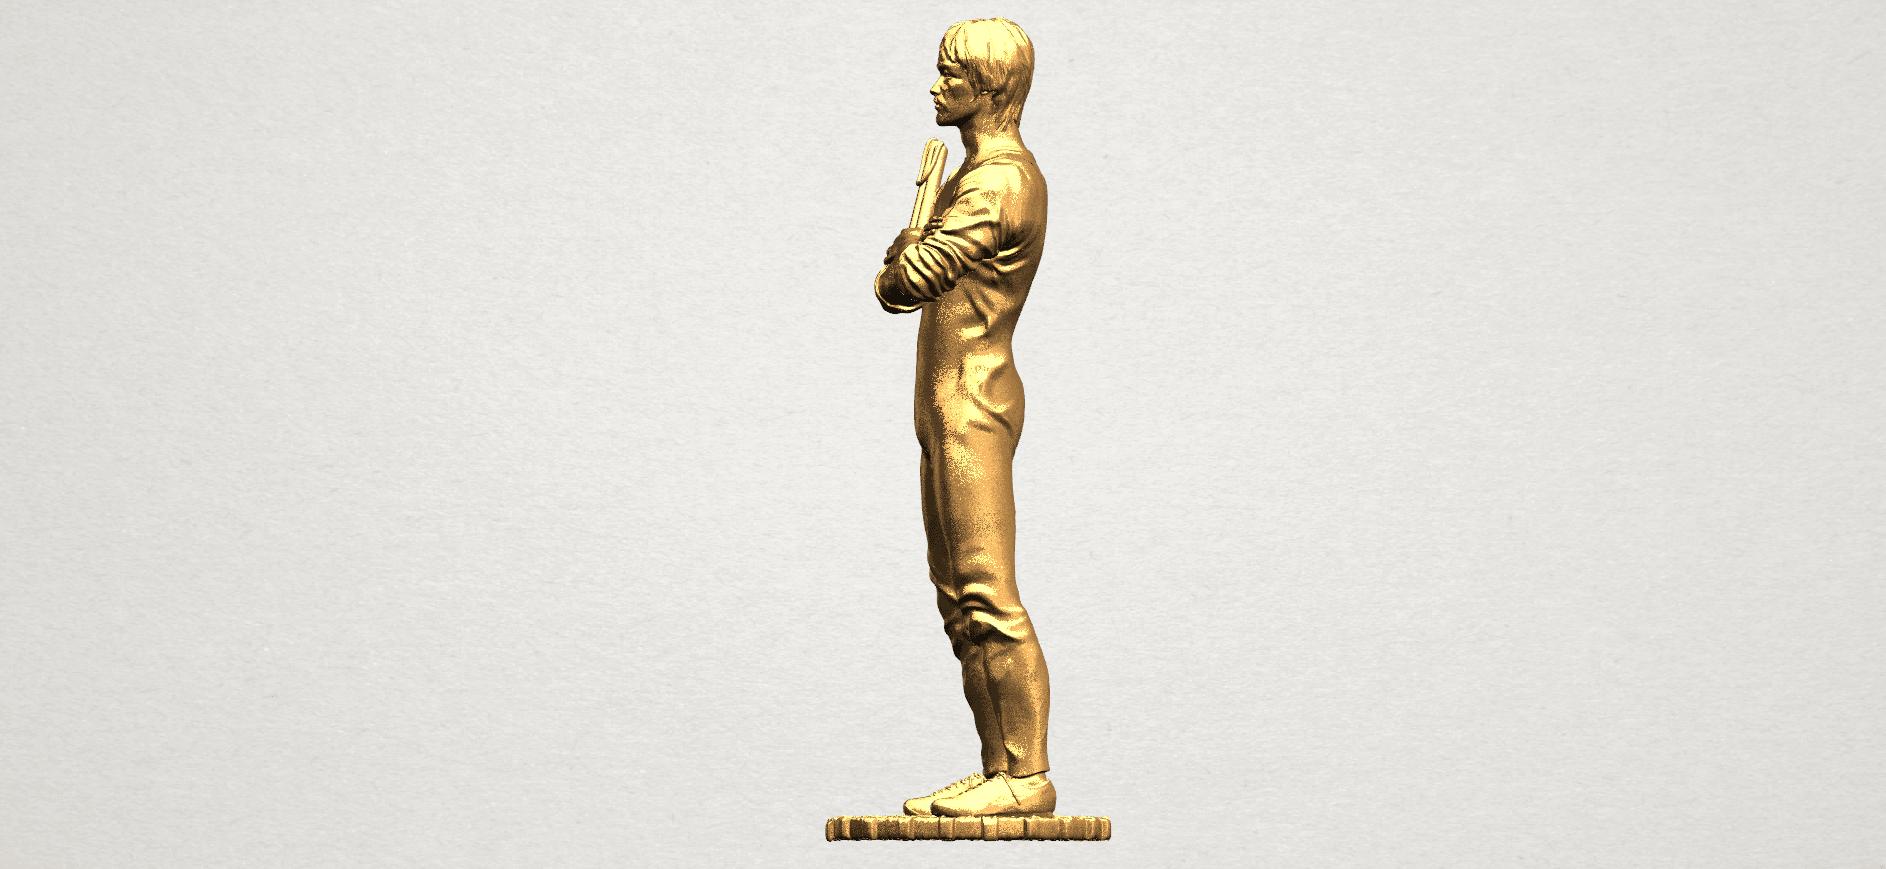 Bruce Lee A03.png Télécharger fichier STL gratuit Bruce Lee • Design à imprimer en 3D, GeorgesNikkei